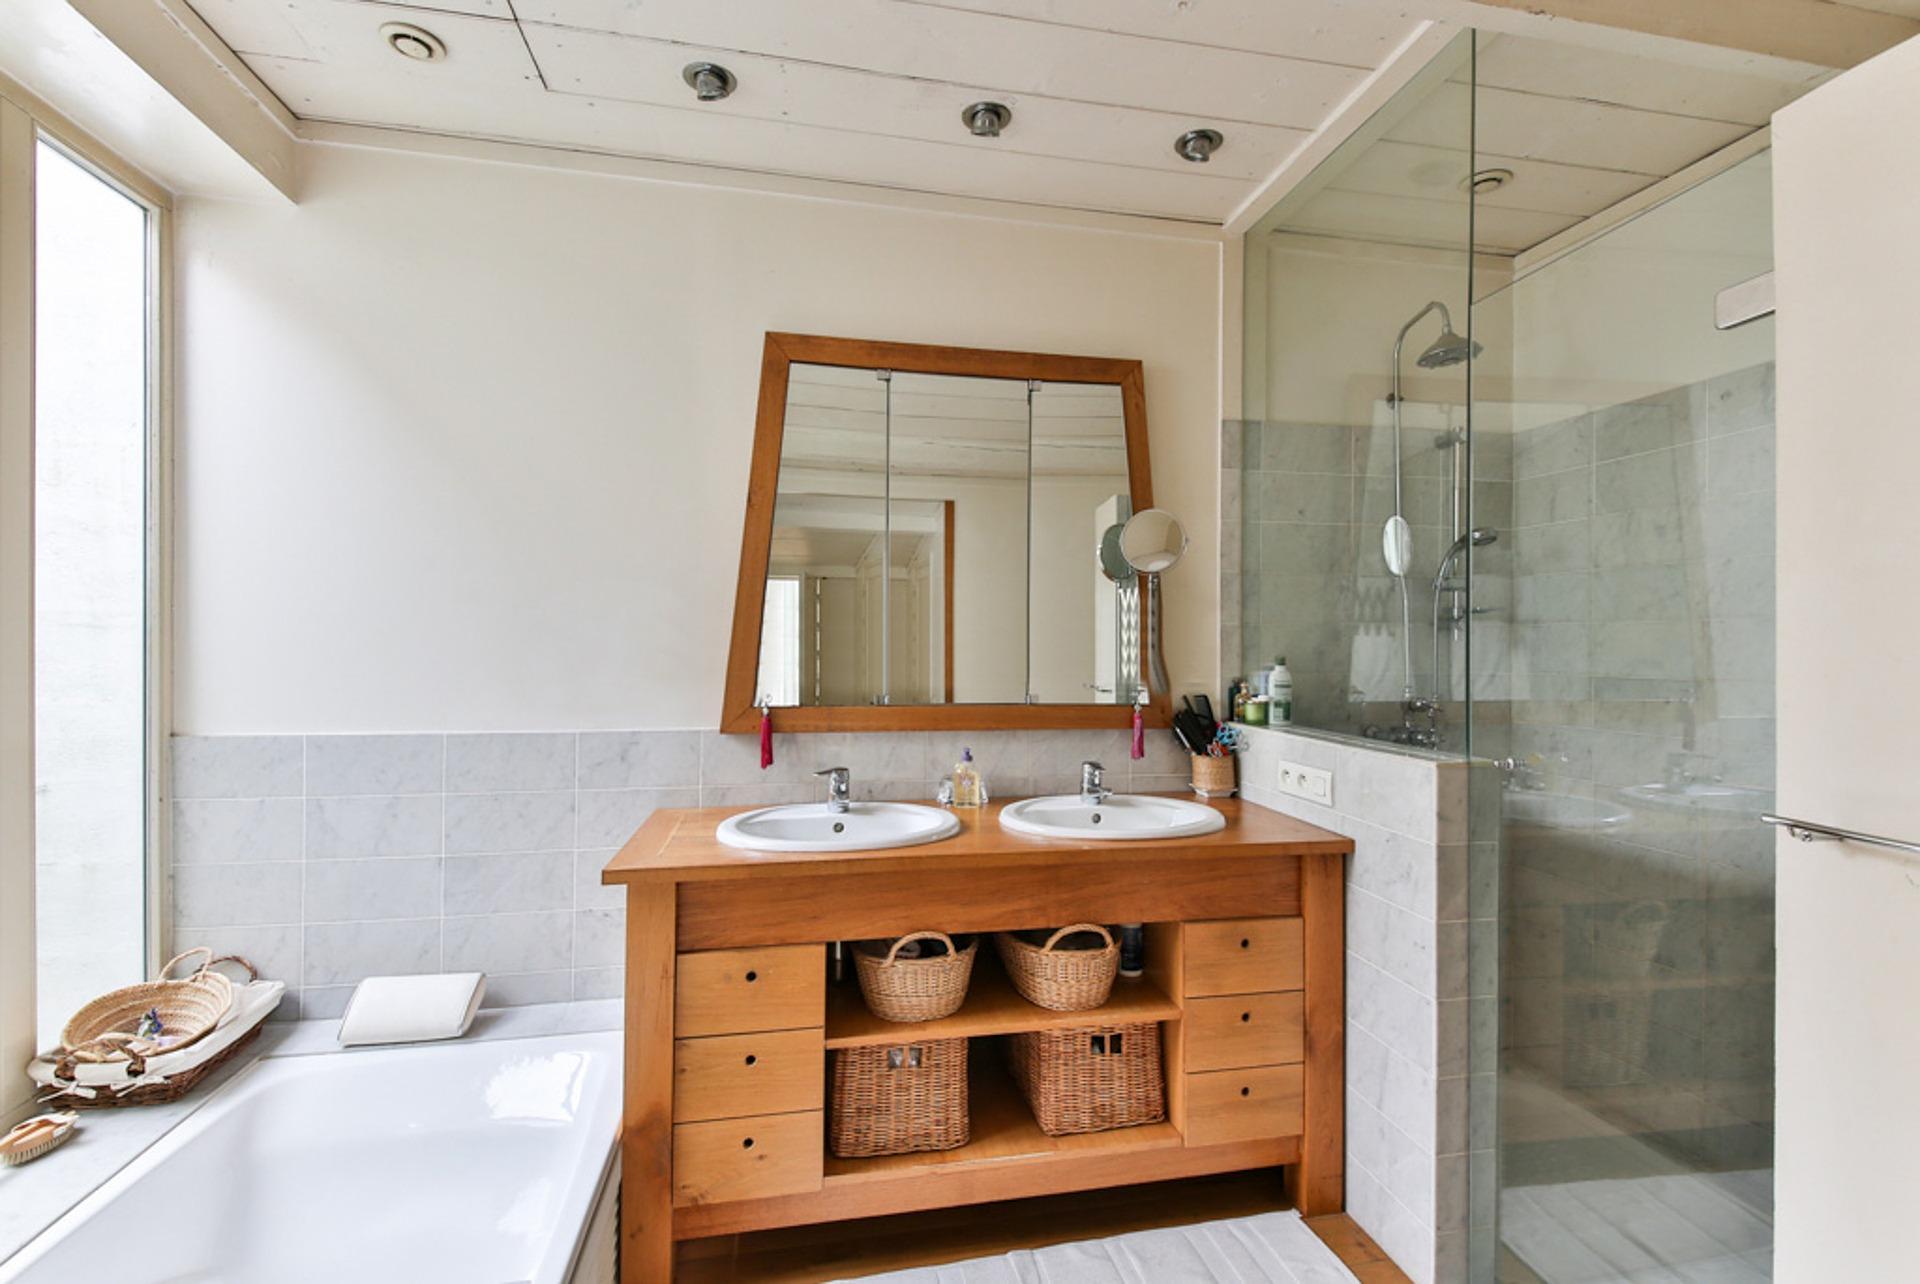 Un magasin de rêve pour une salle de bain moderne